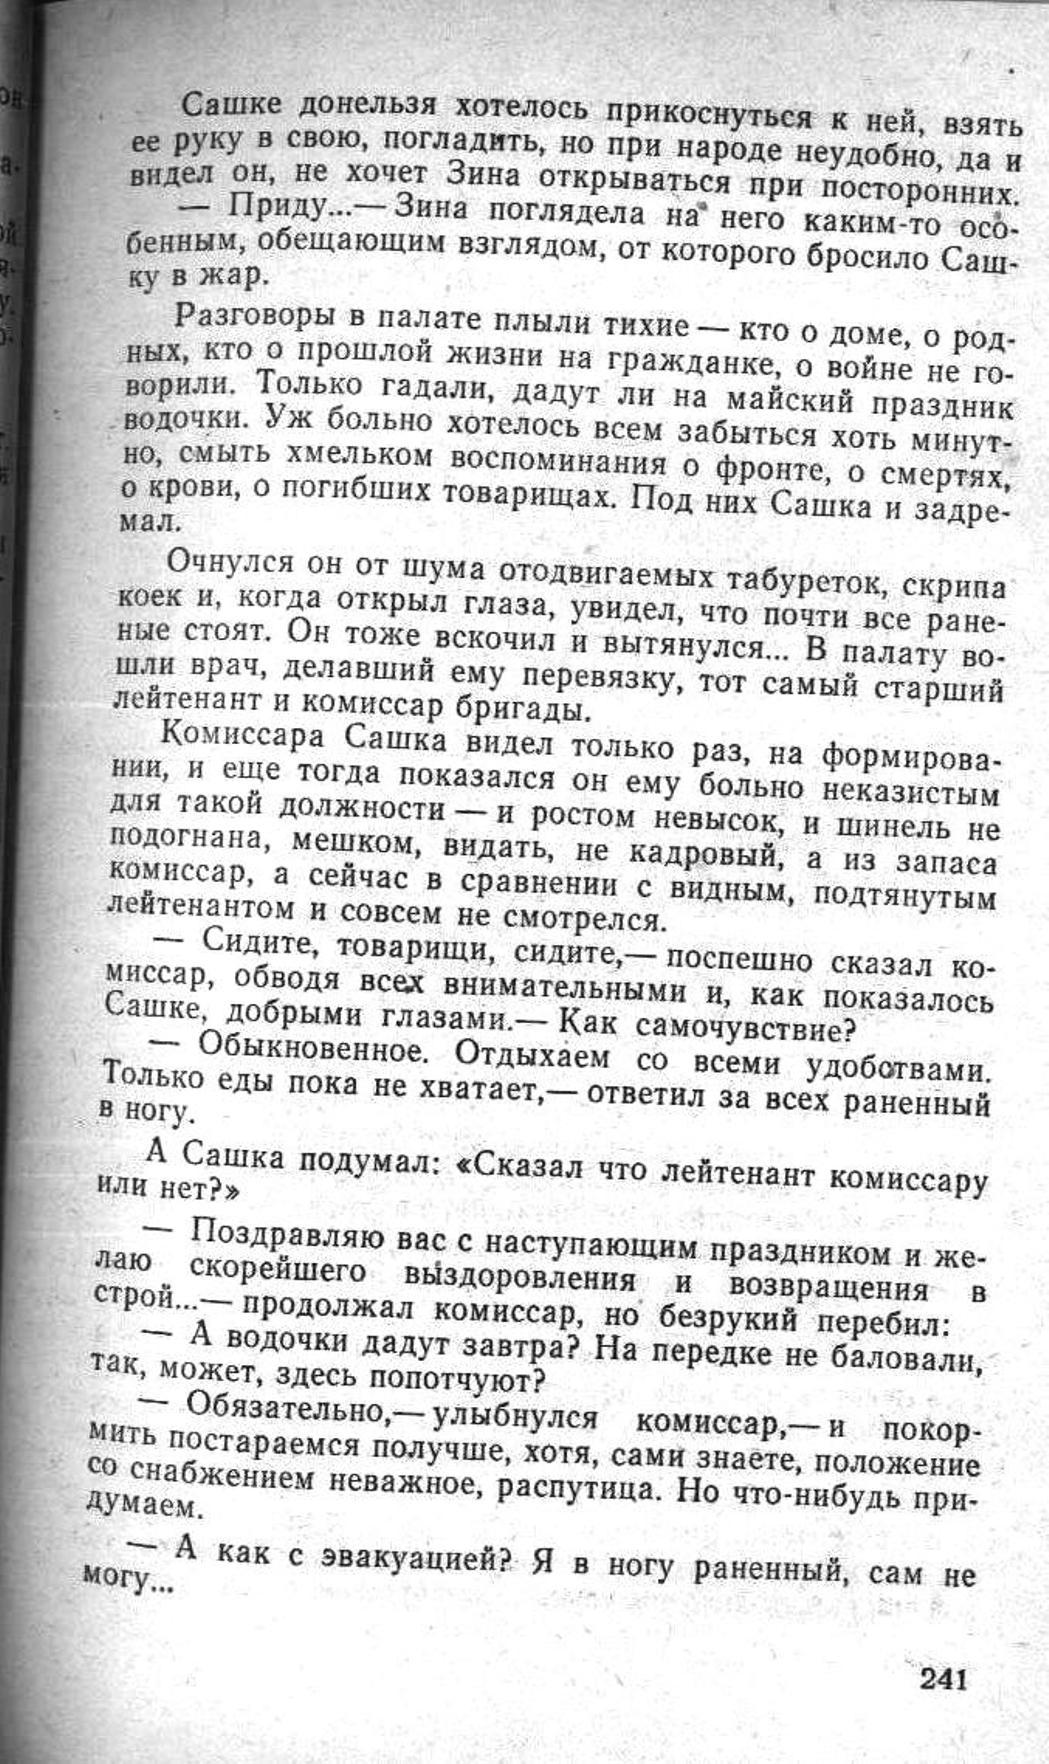 Сашка. Повесть. Вячеслав Кондратьев. 009. 004